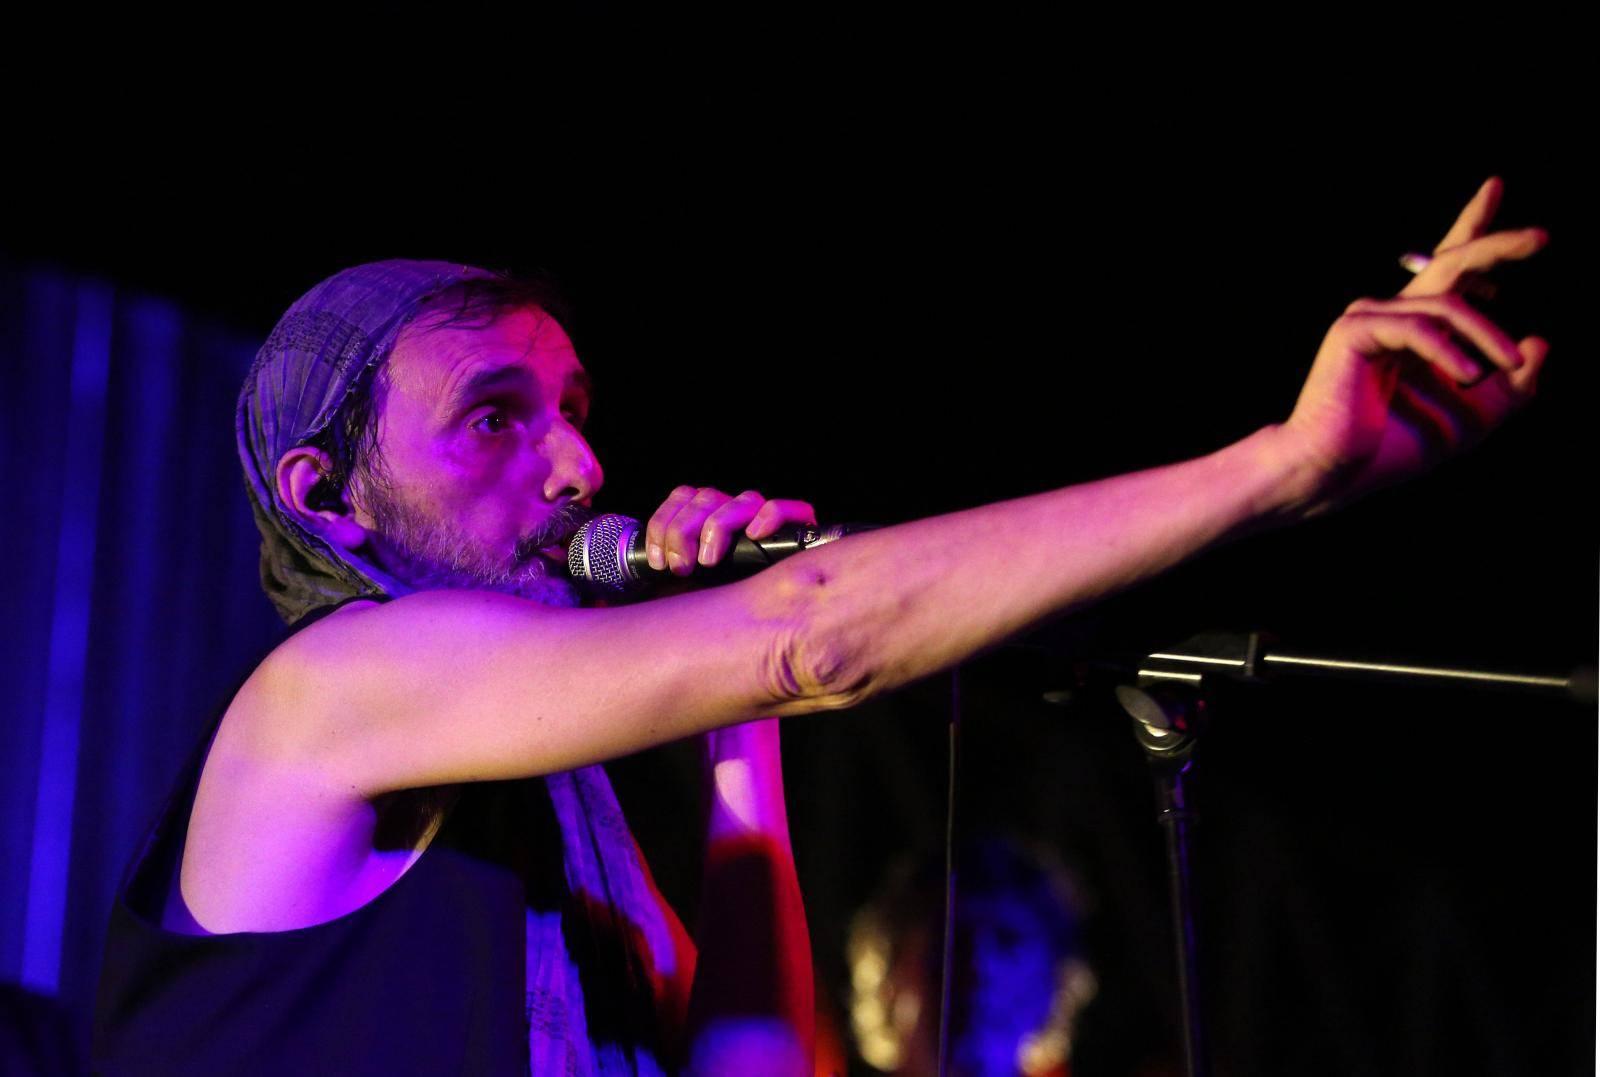 Goran Bare i Majke održali koncert na tvrđavi sv. Mihovila u Šibeniku